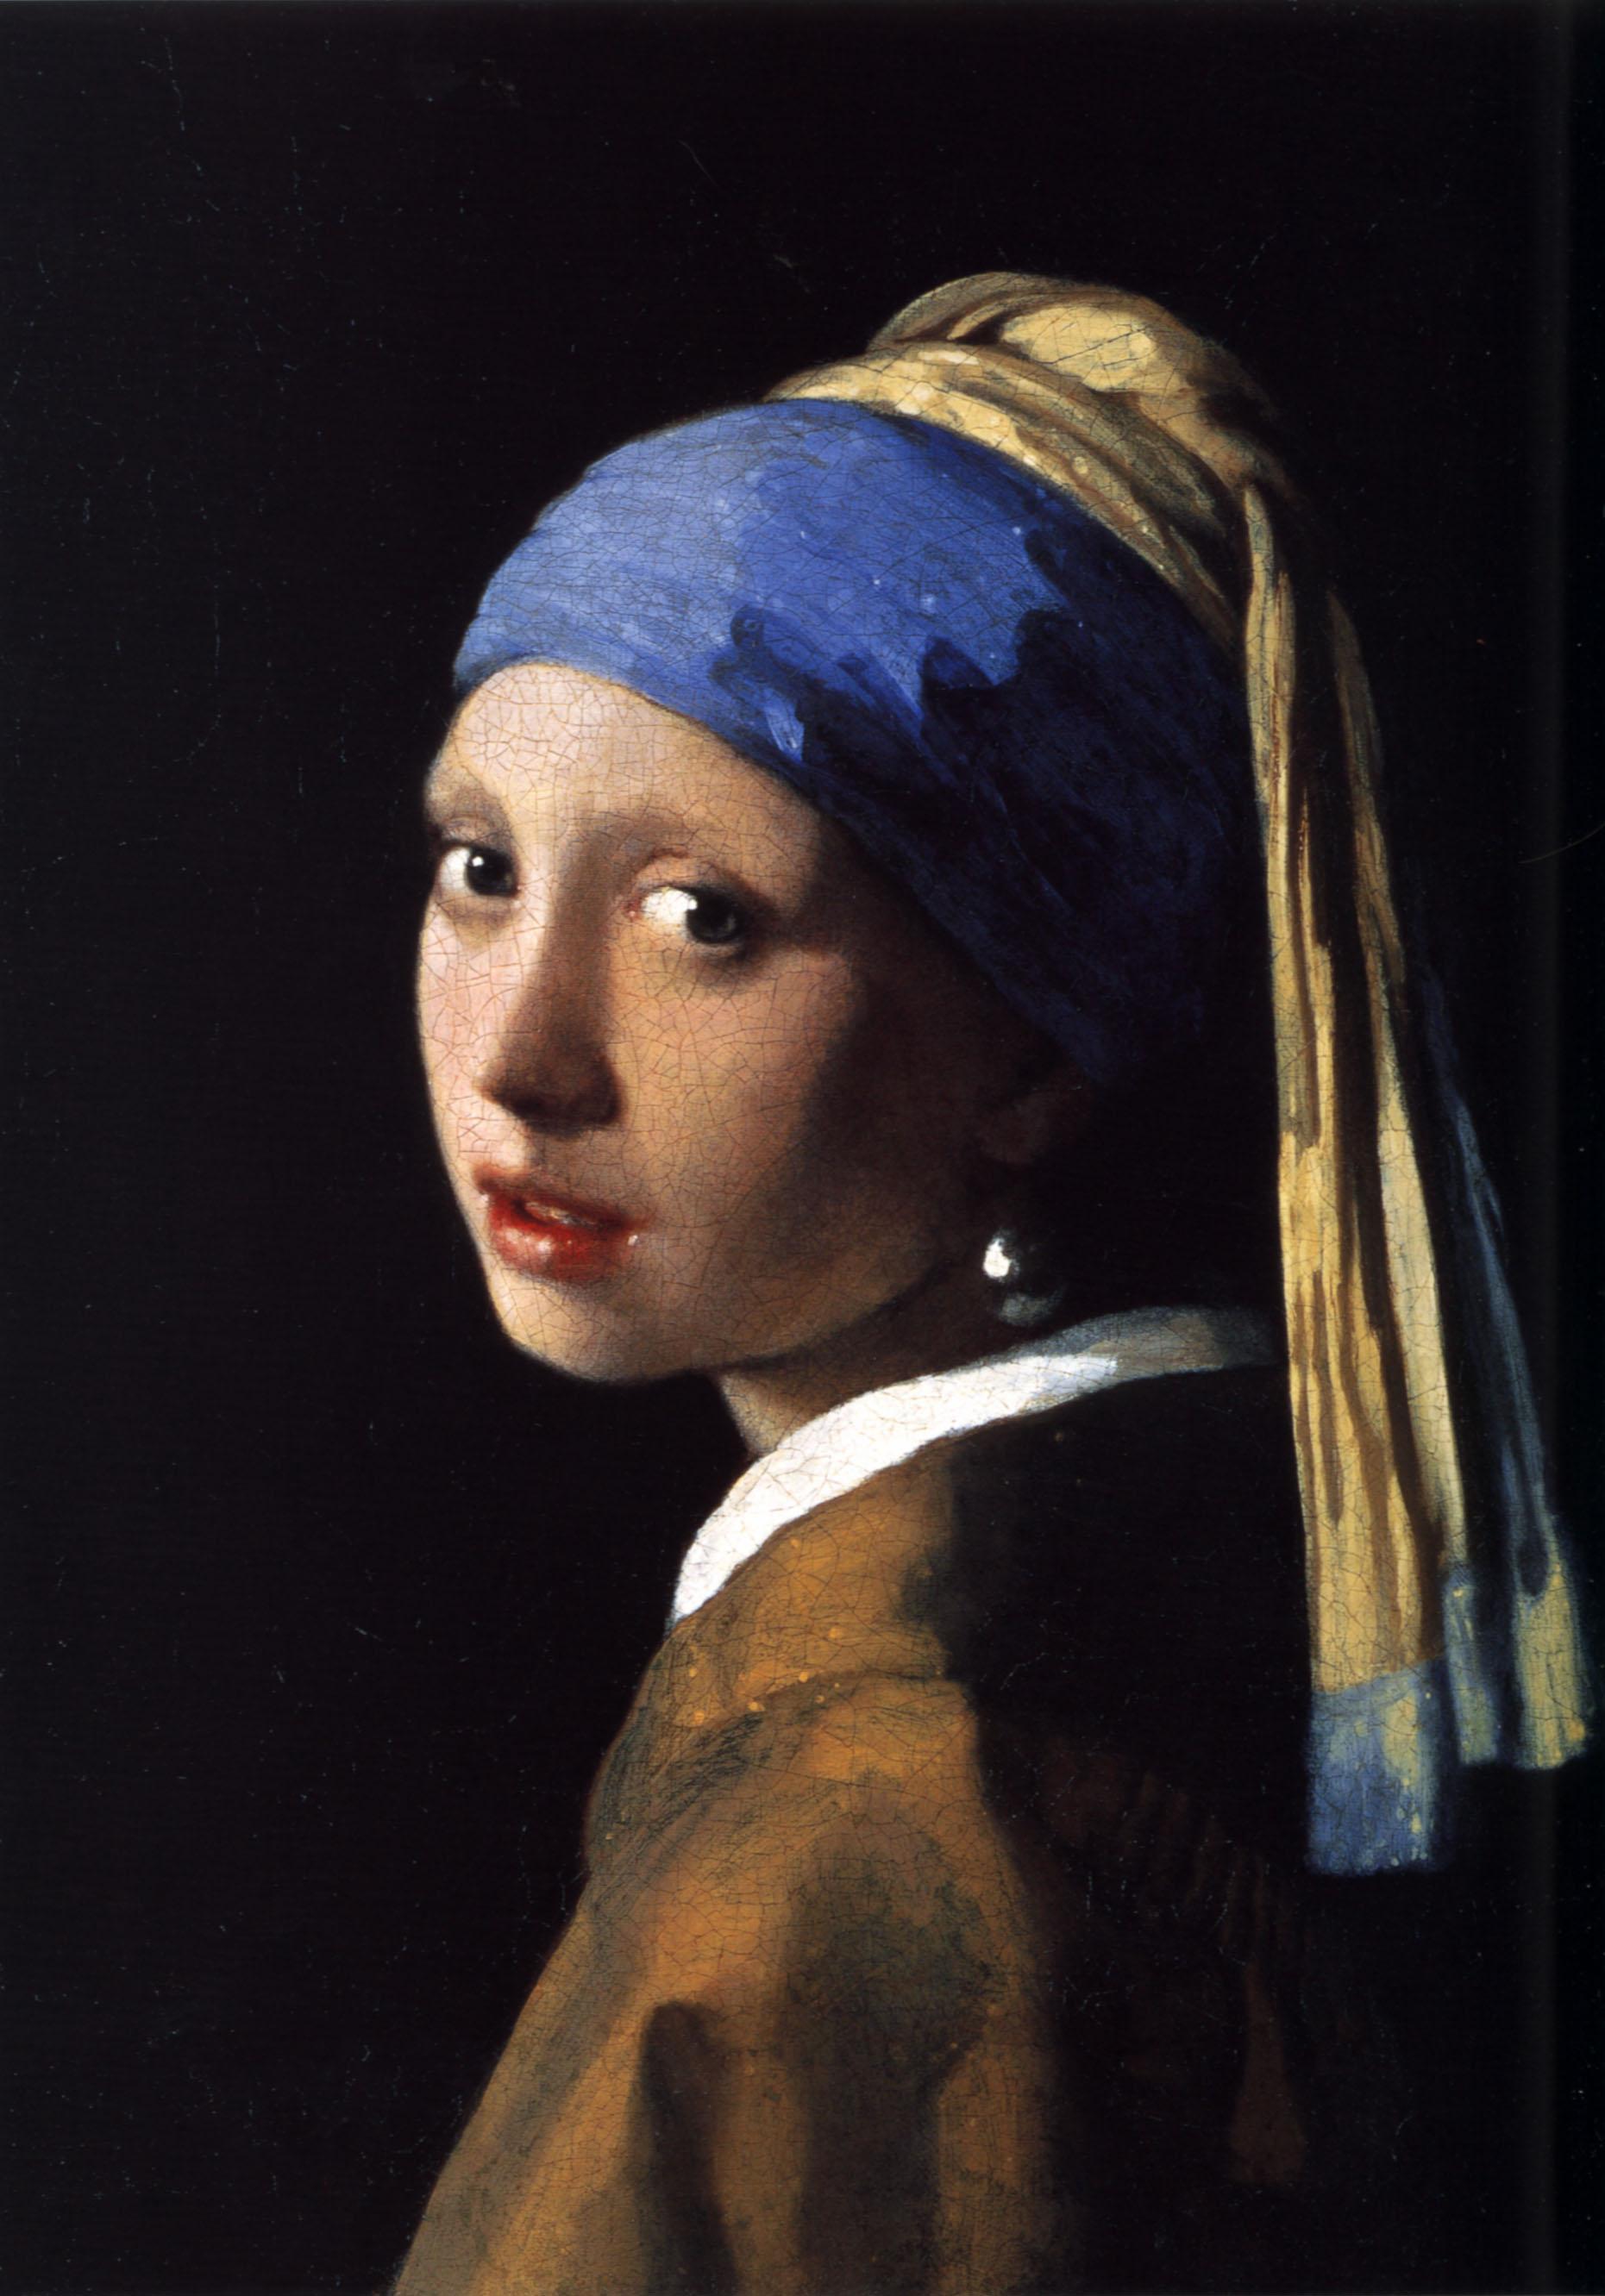 Ян Вермеер. Девушка с жемчужной сережкой. Ок. 1665. Масло, холст. 44,5х39 см. Маурицхейс, Гаага. Источник https://upload.wikimedia.org/